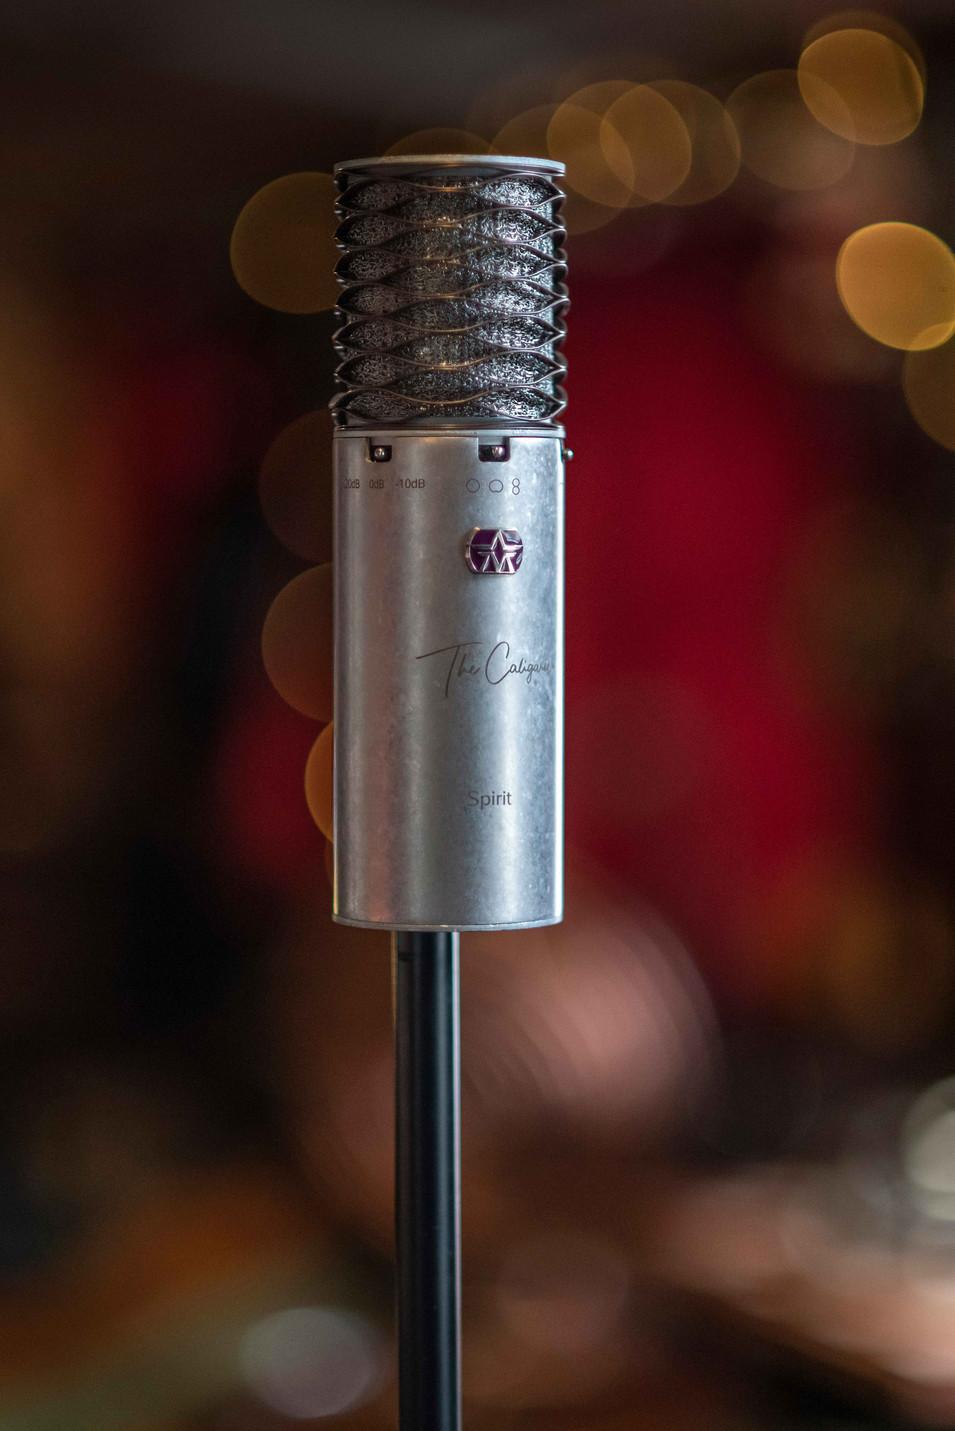 The Caligaris Signature mic - Aston Spirit